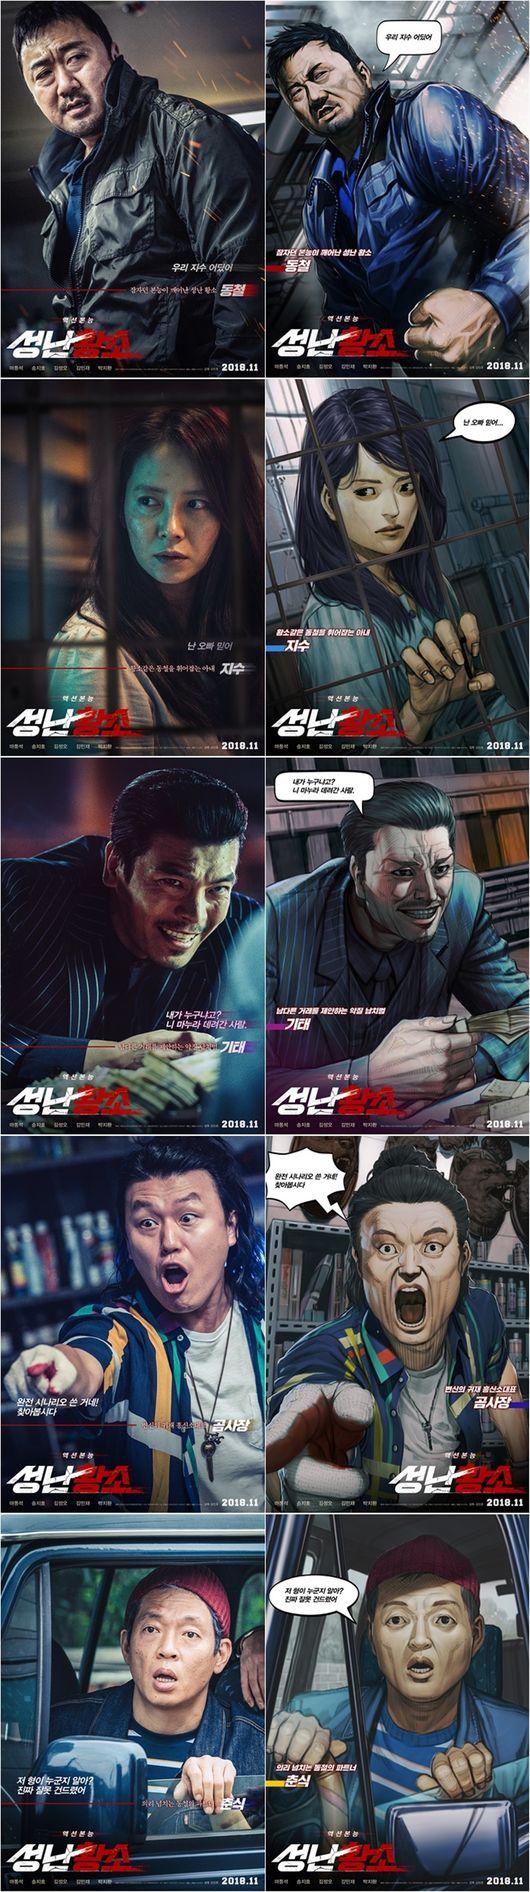 마블코믹스 작가가 그린 마동석X송지효..성난 황소 캐릭터 스페셜 포스터 공개